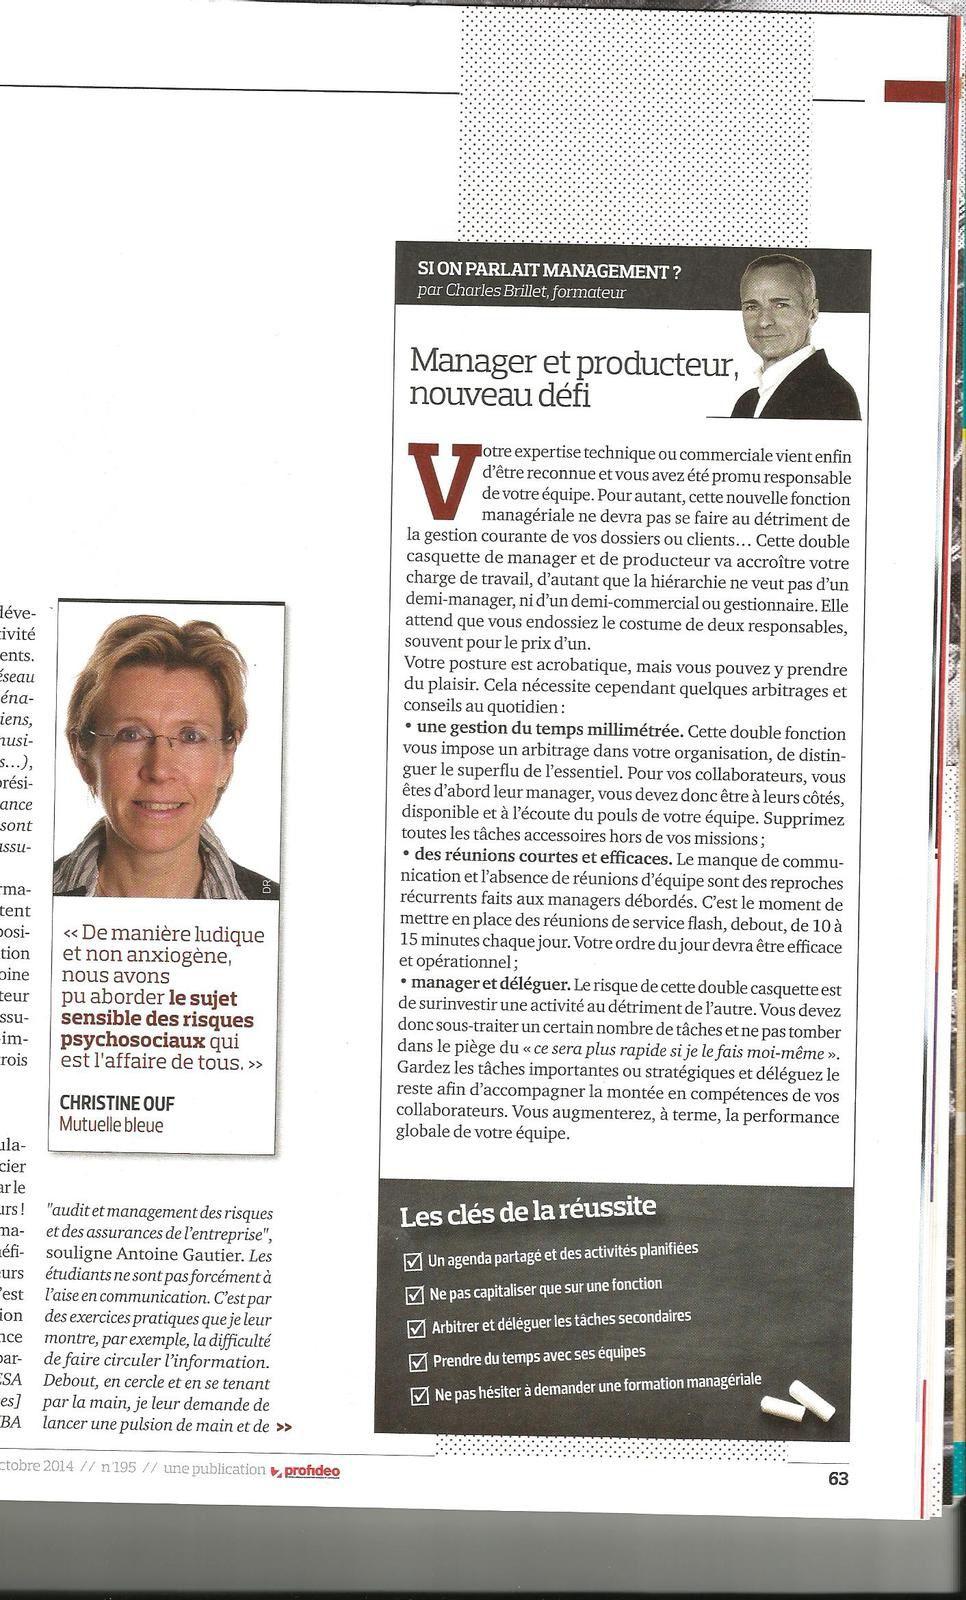 Article management charles brillet : manager et producteur, nouveau défi!